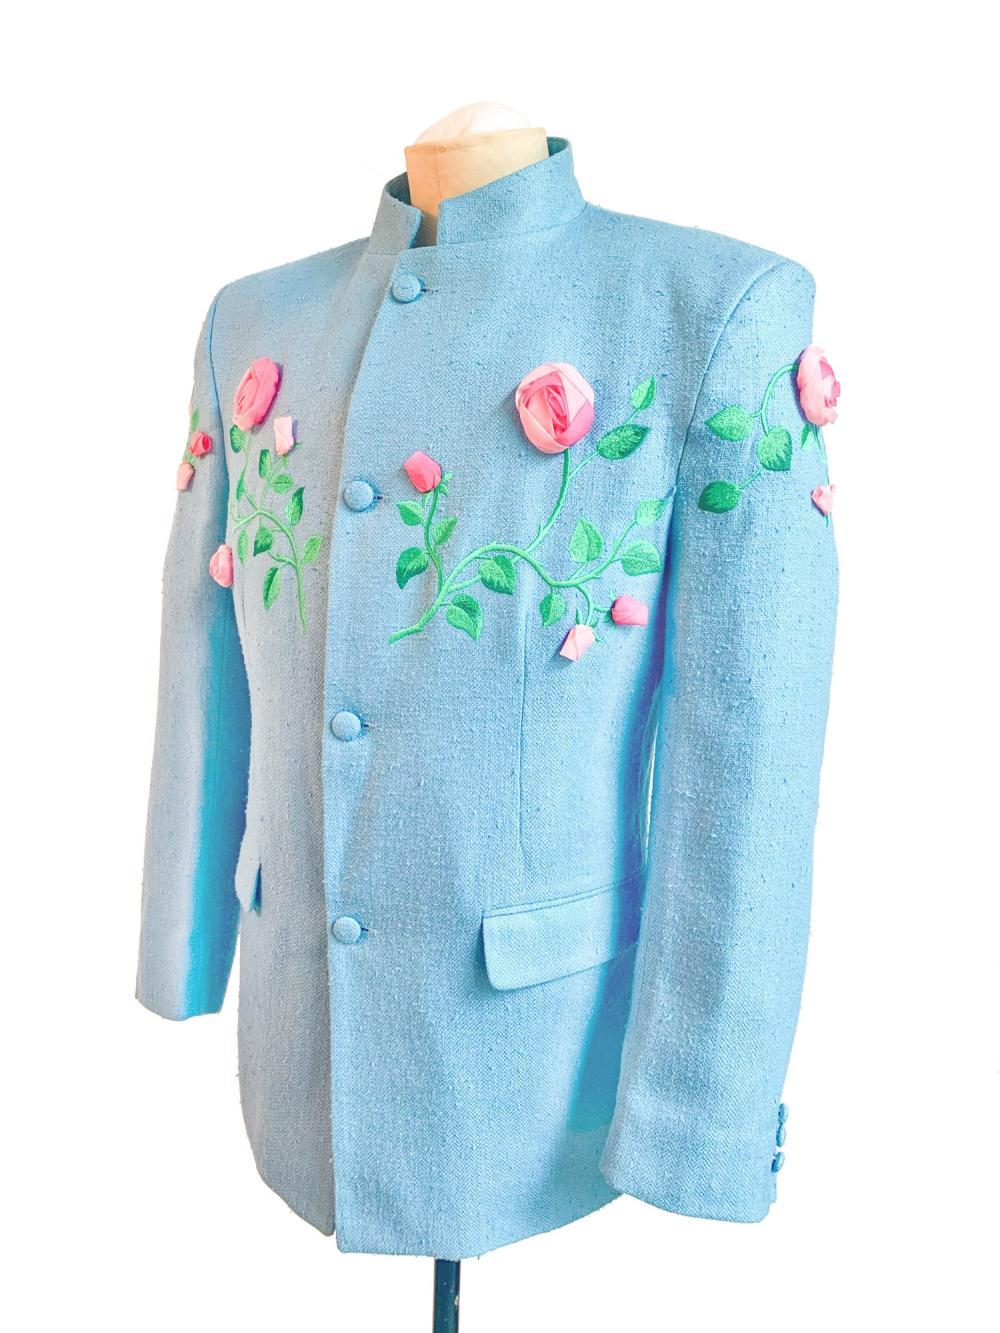 Vintage Fashion, Antique Costume & Textiles